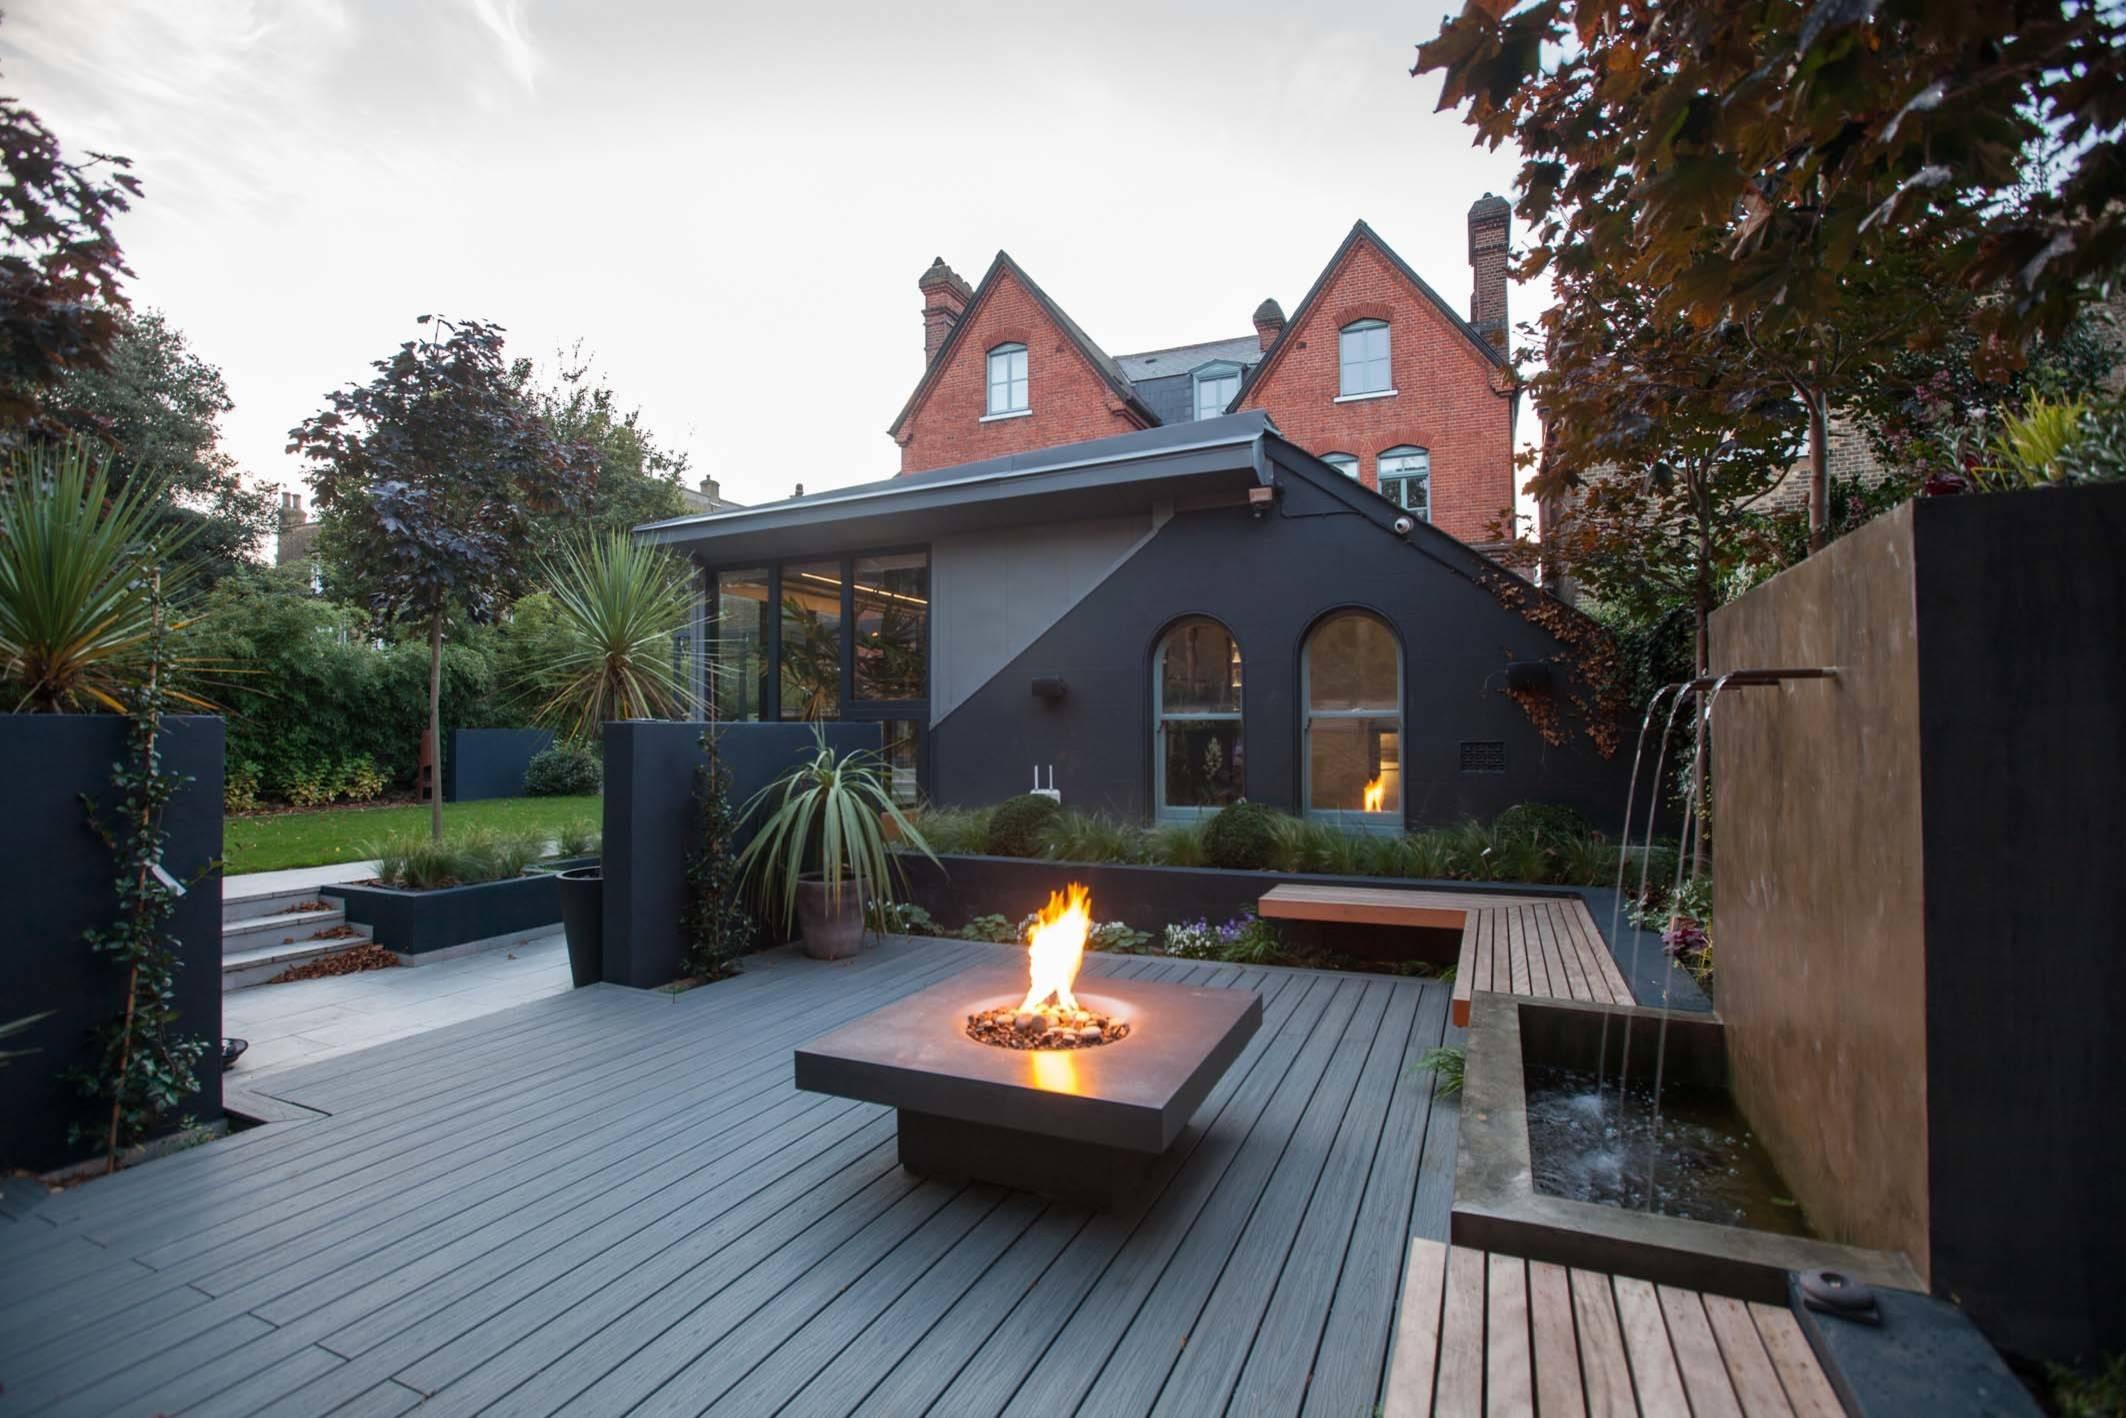 Erfrischung gefällig Ein Wasserspiel für Garten oder Terrasse